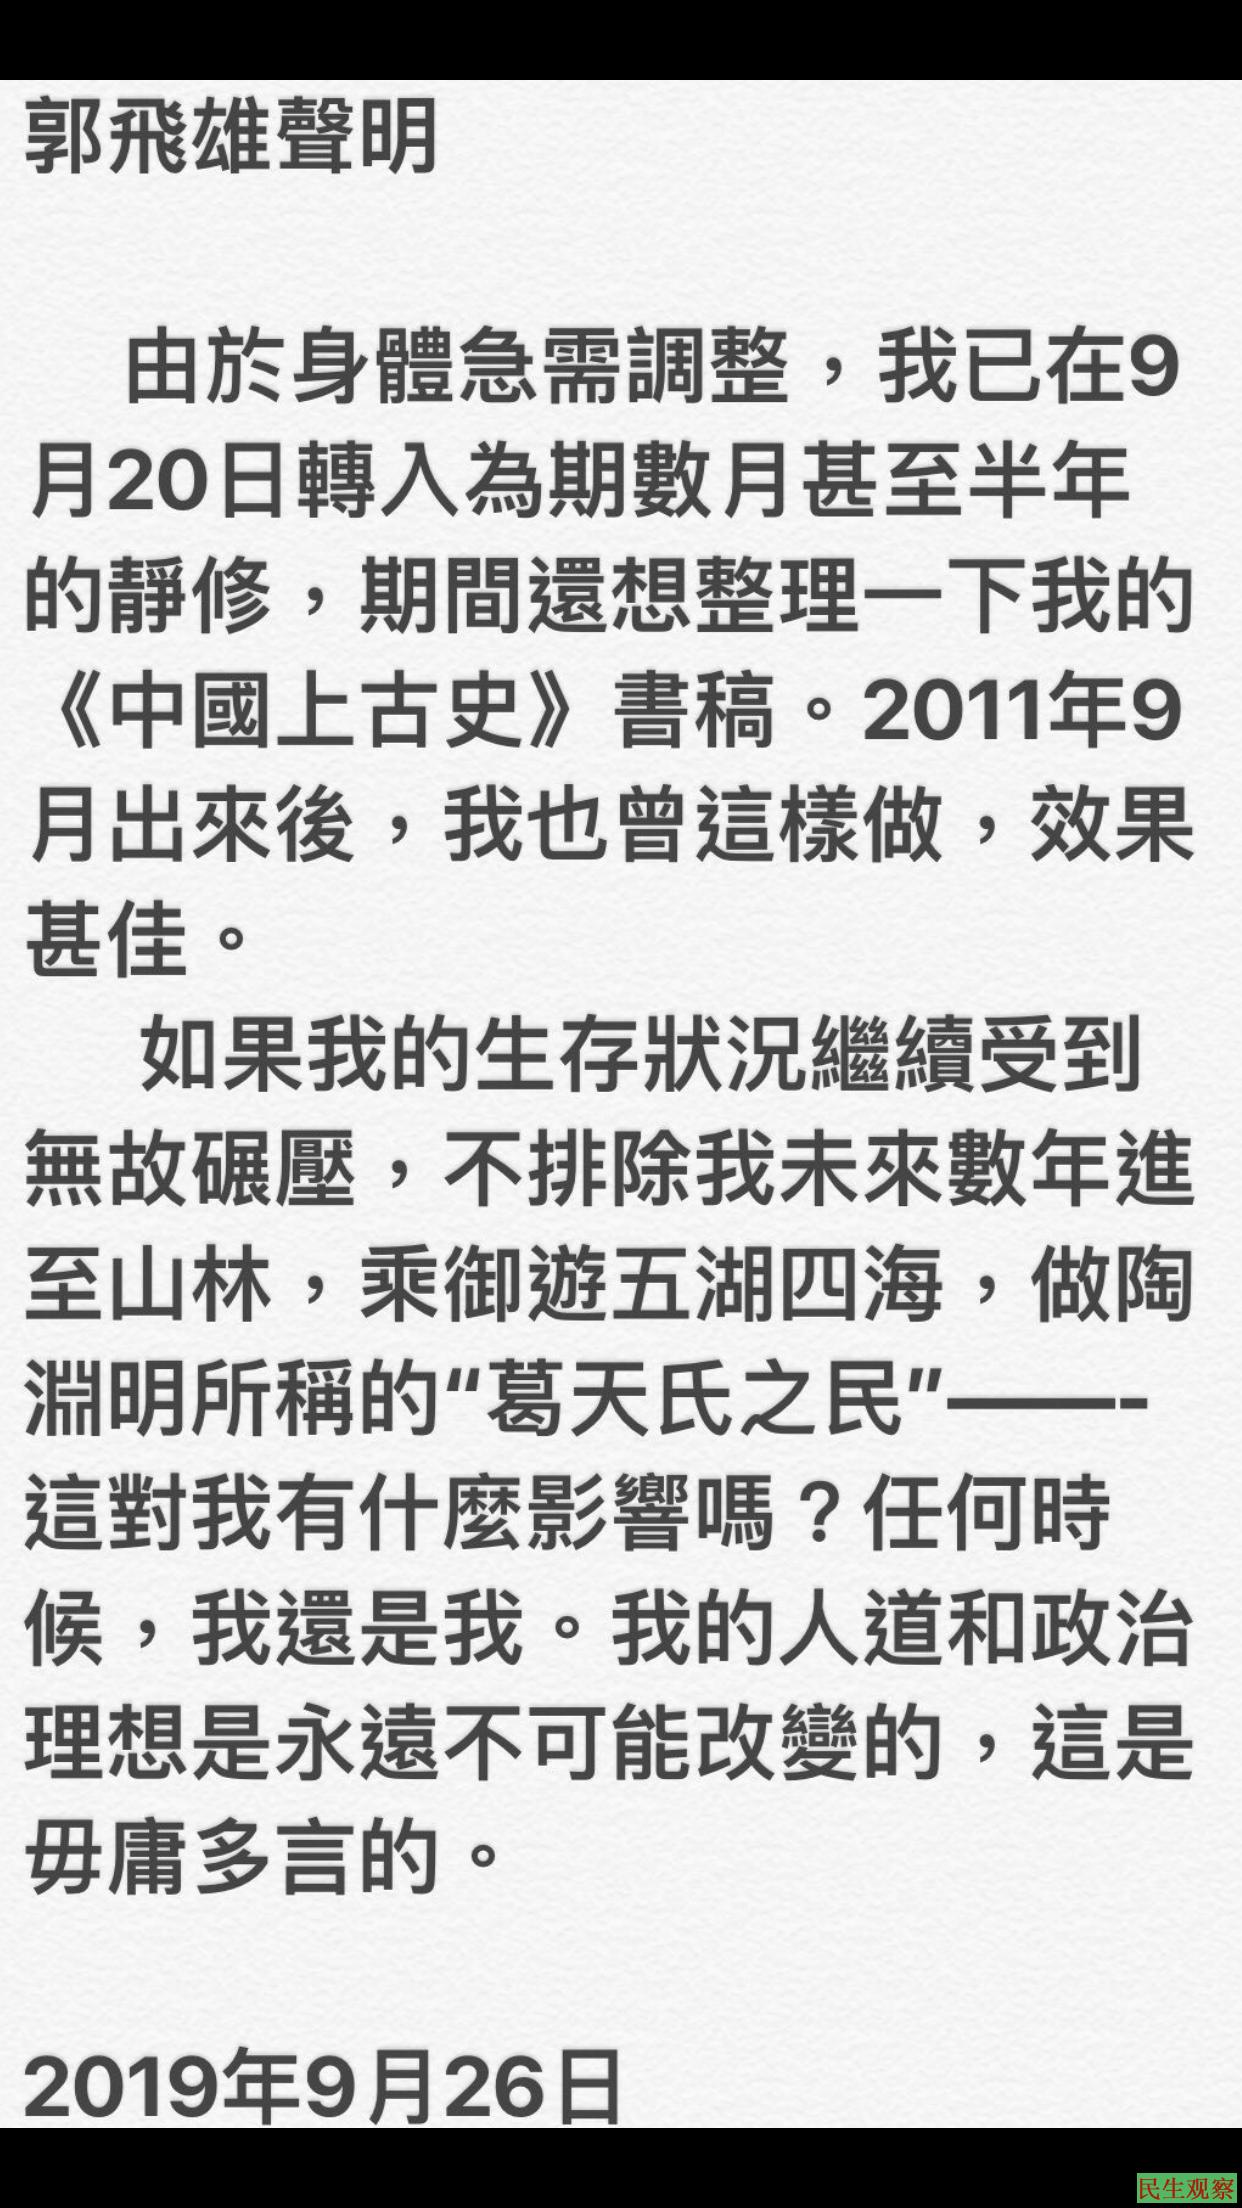 郭飞雄被失踪后网传声明